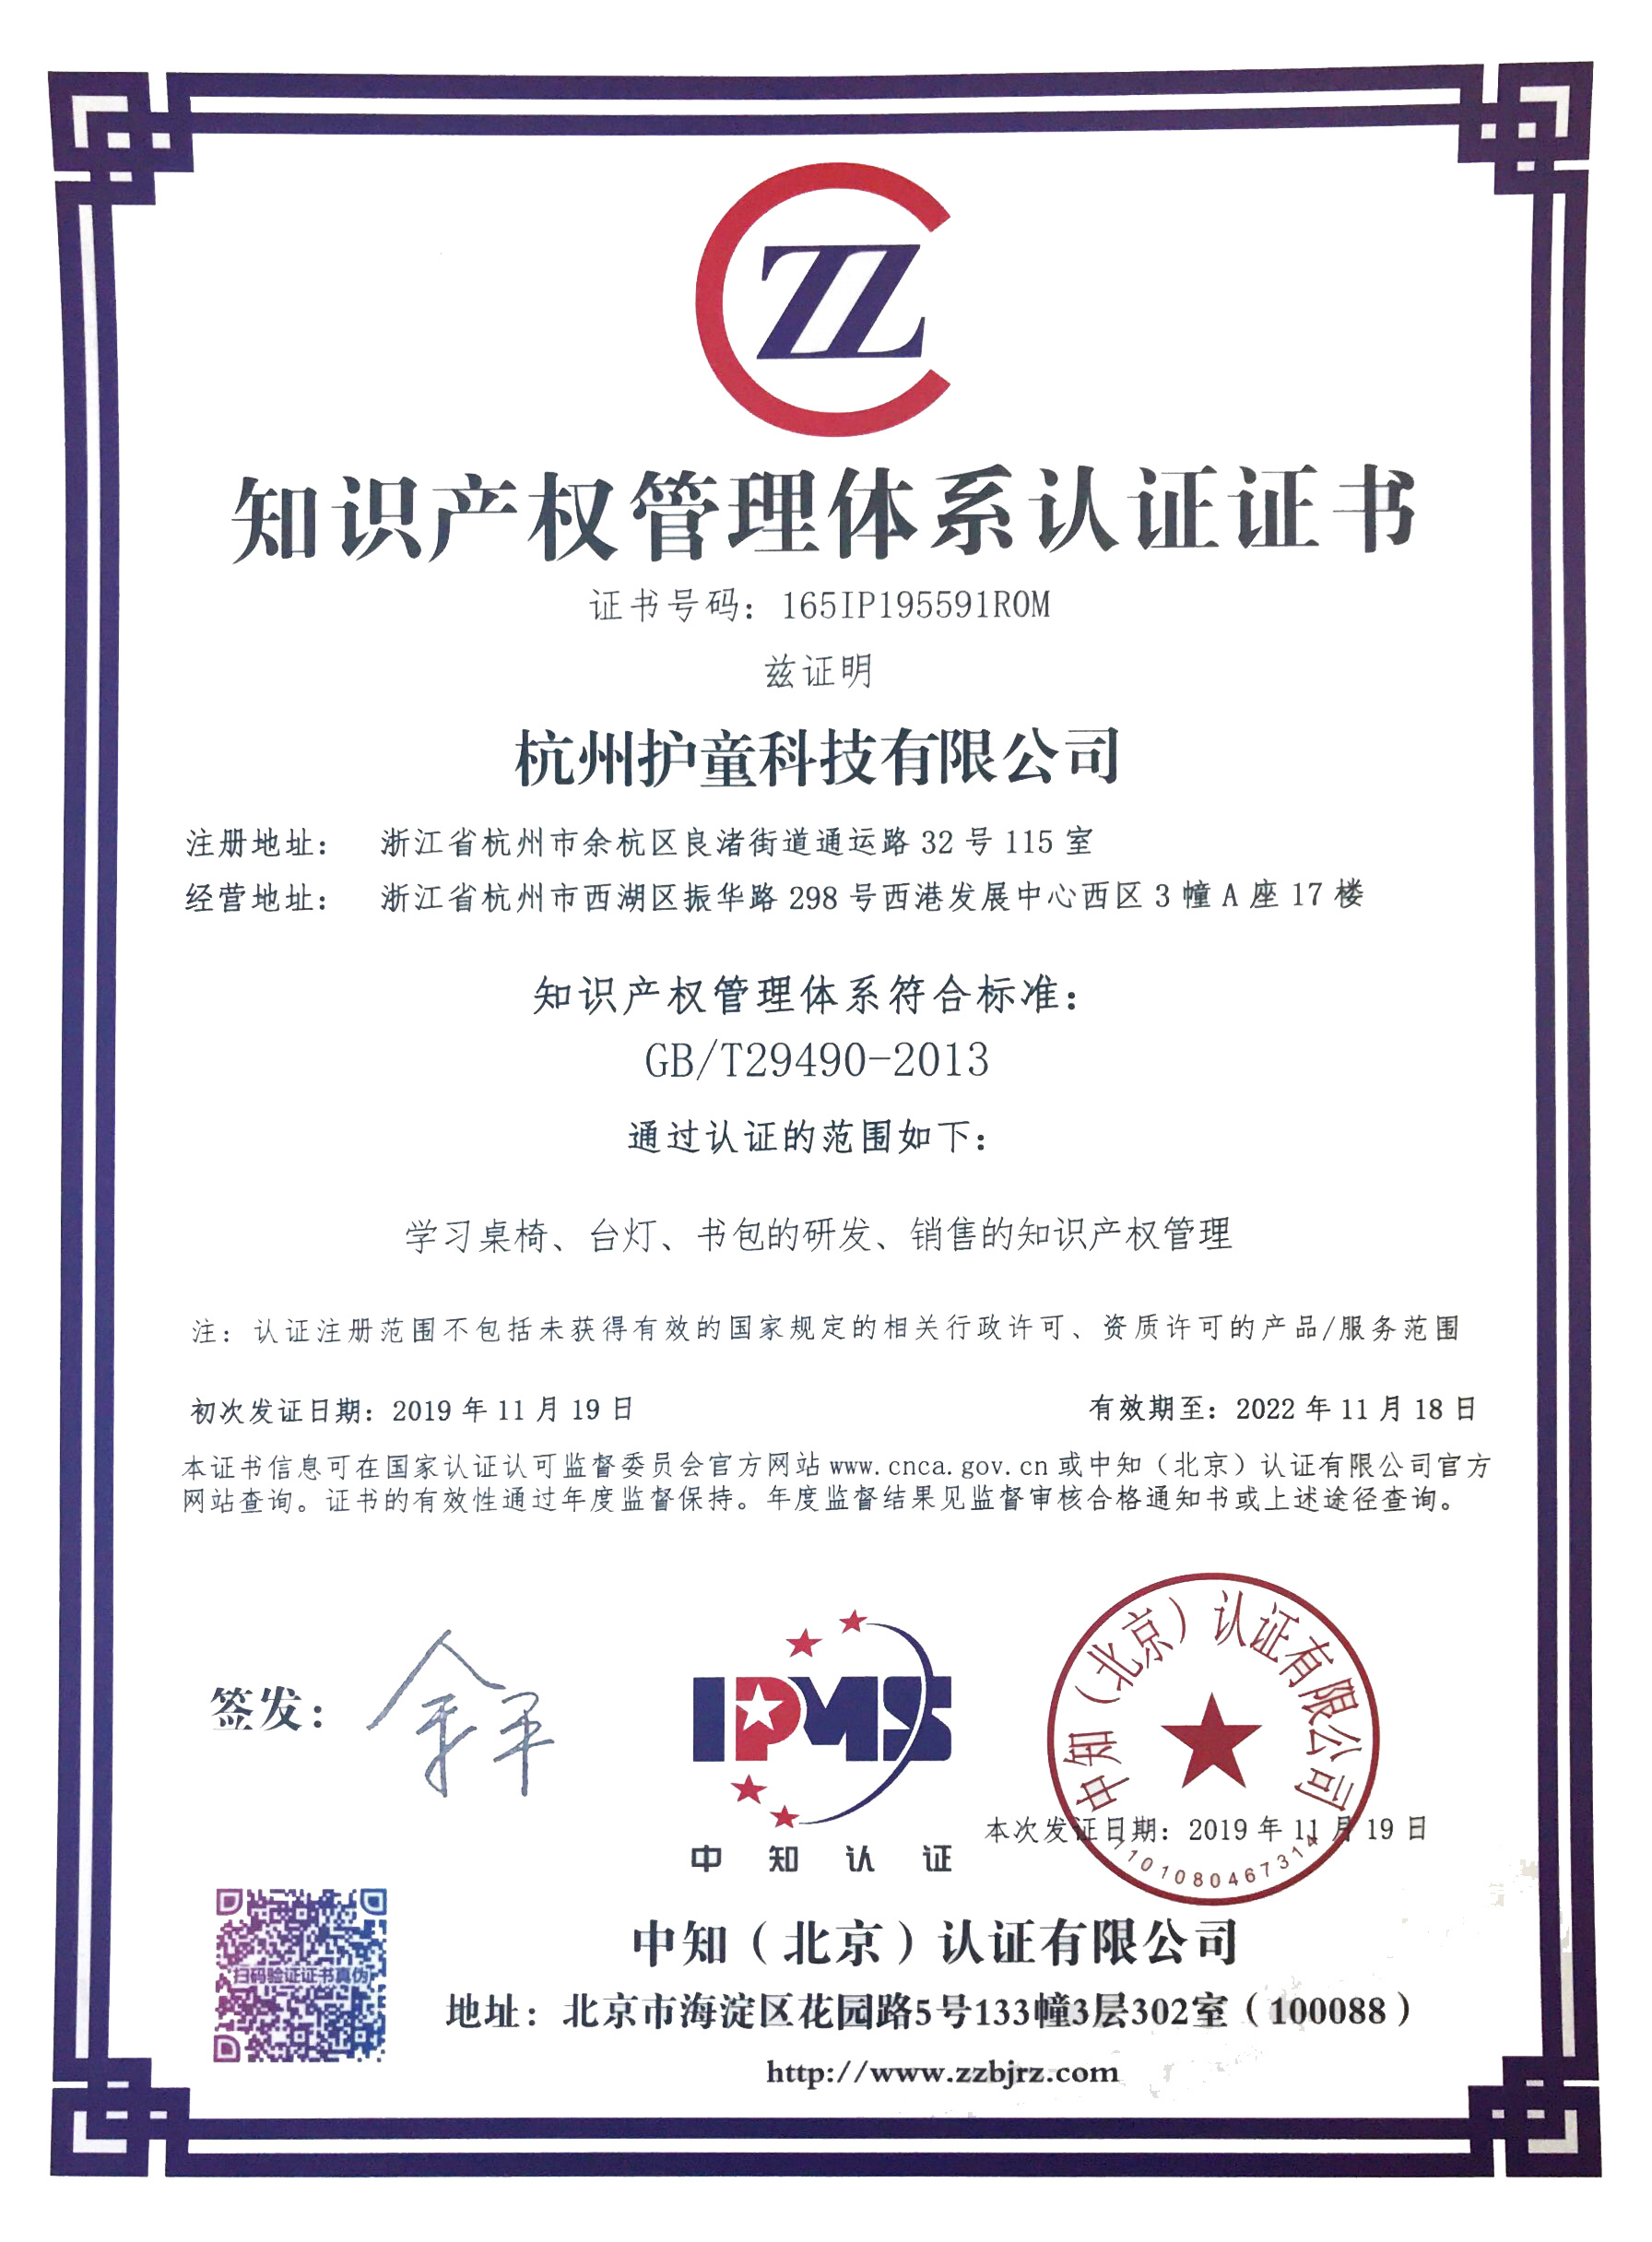 杭州护童-知识产权管理体系认证证书2.jpg